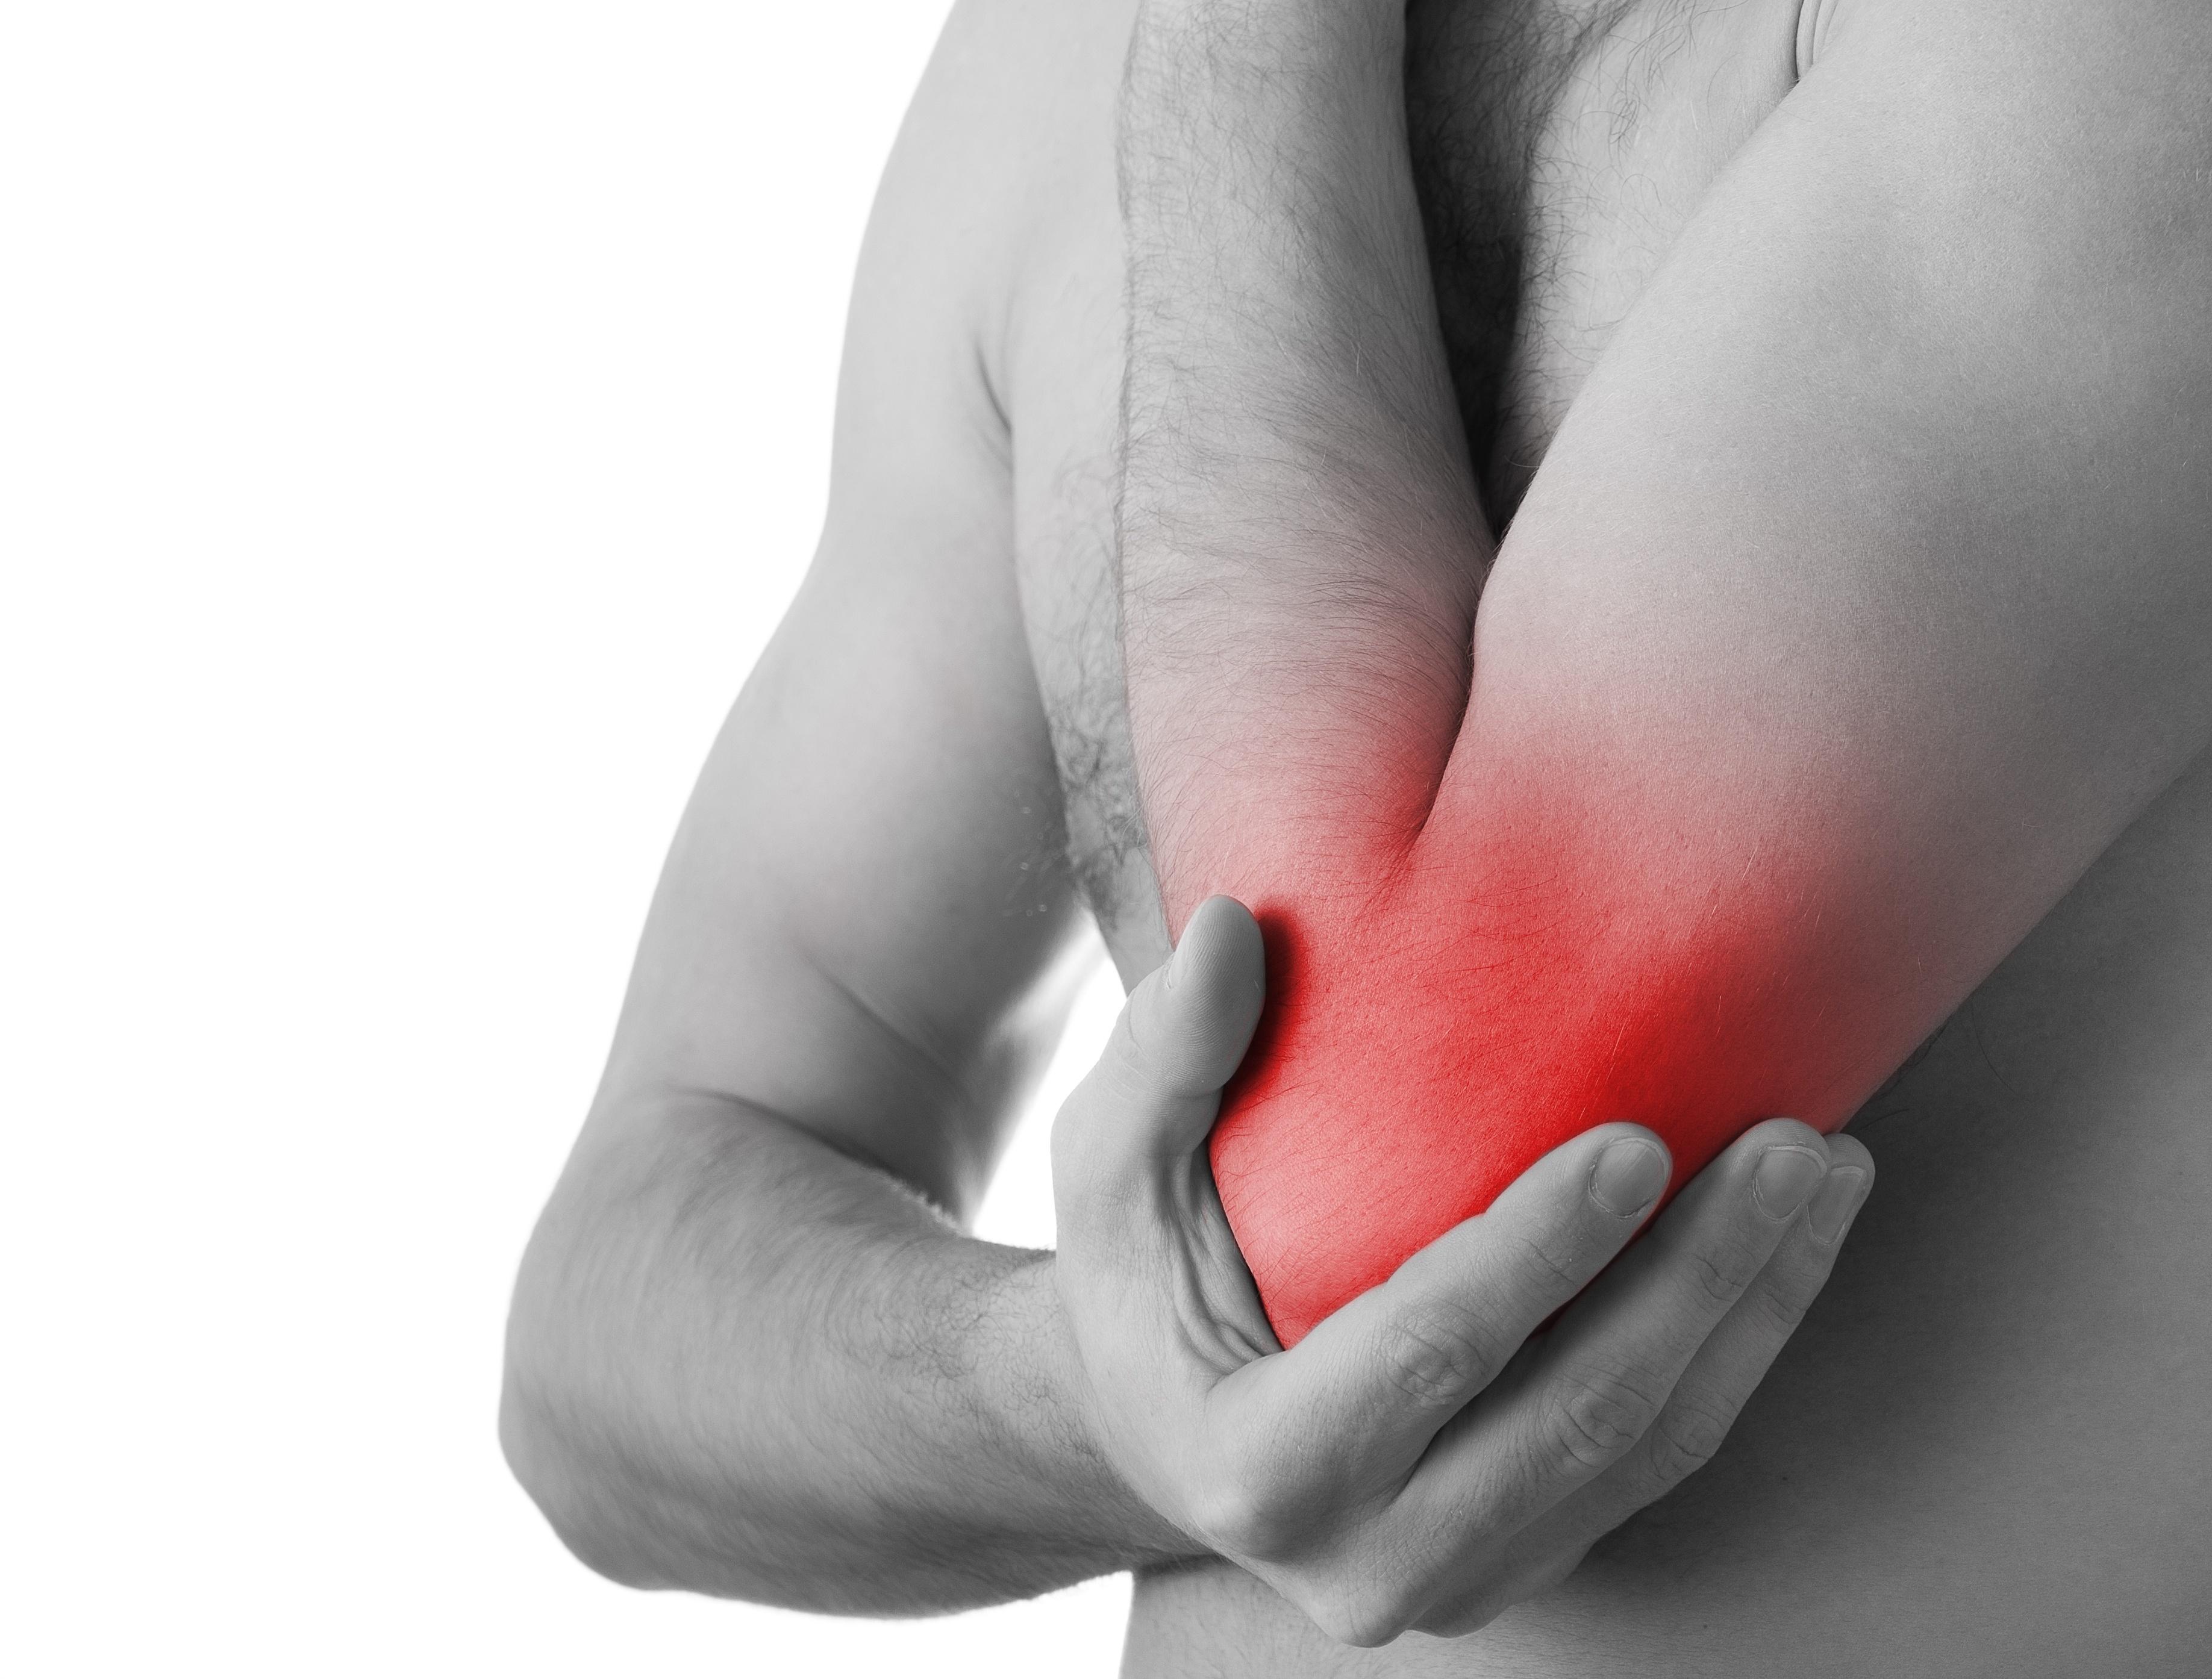 ayurvédikus kenőcs ízületi fájdalmak esetén